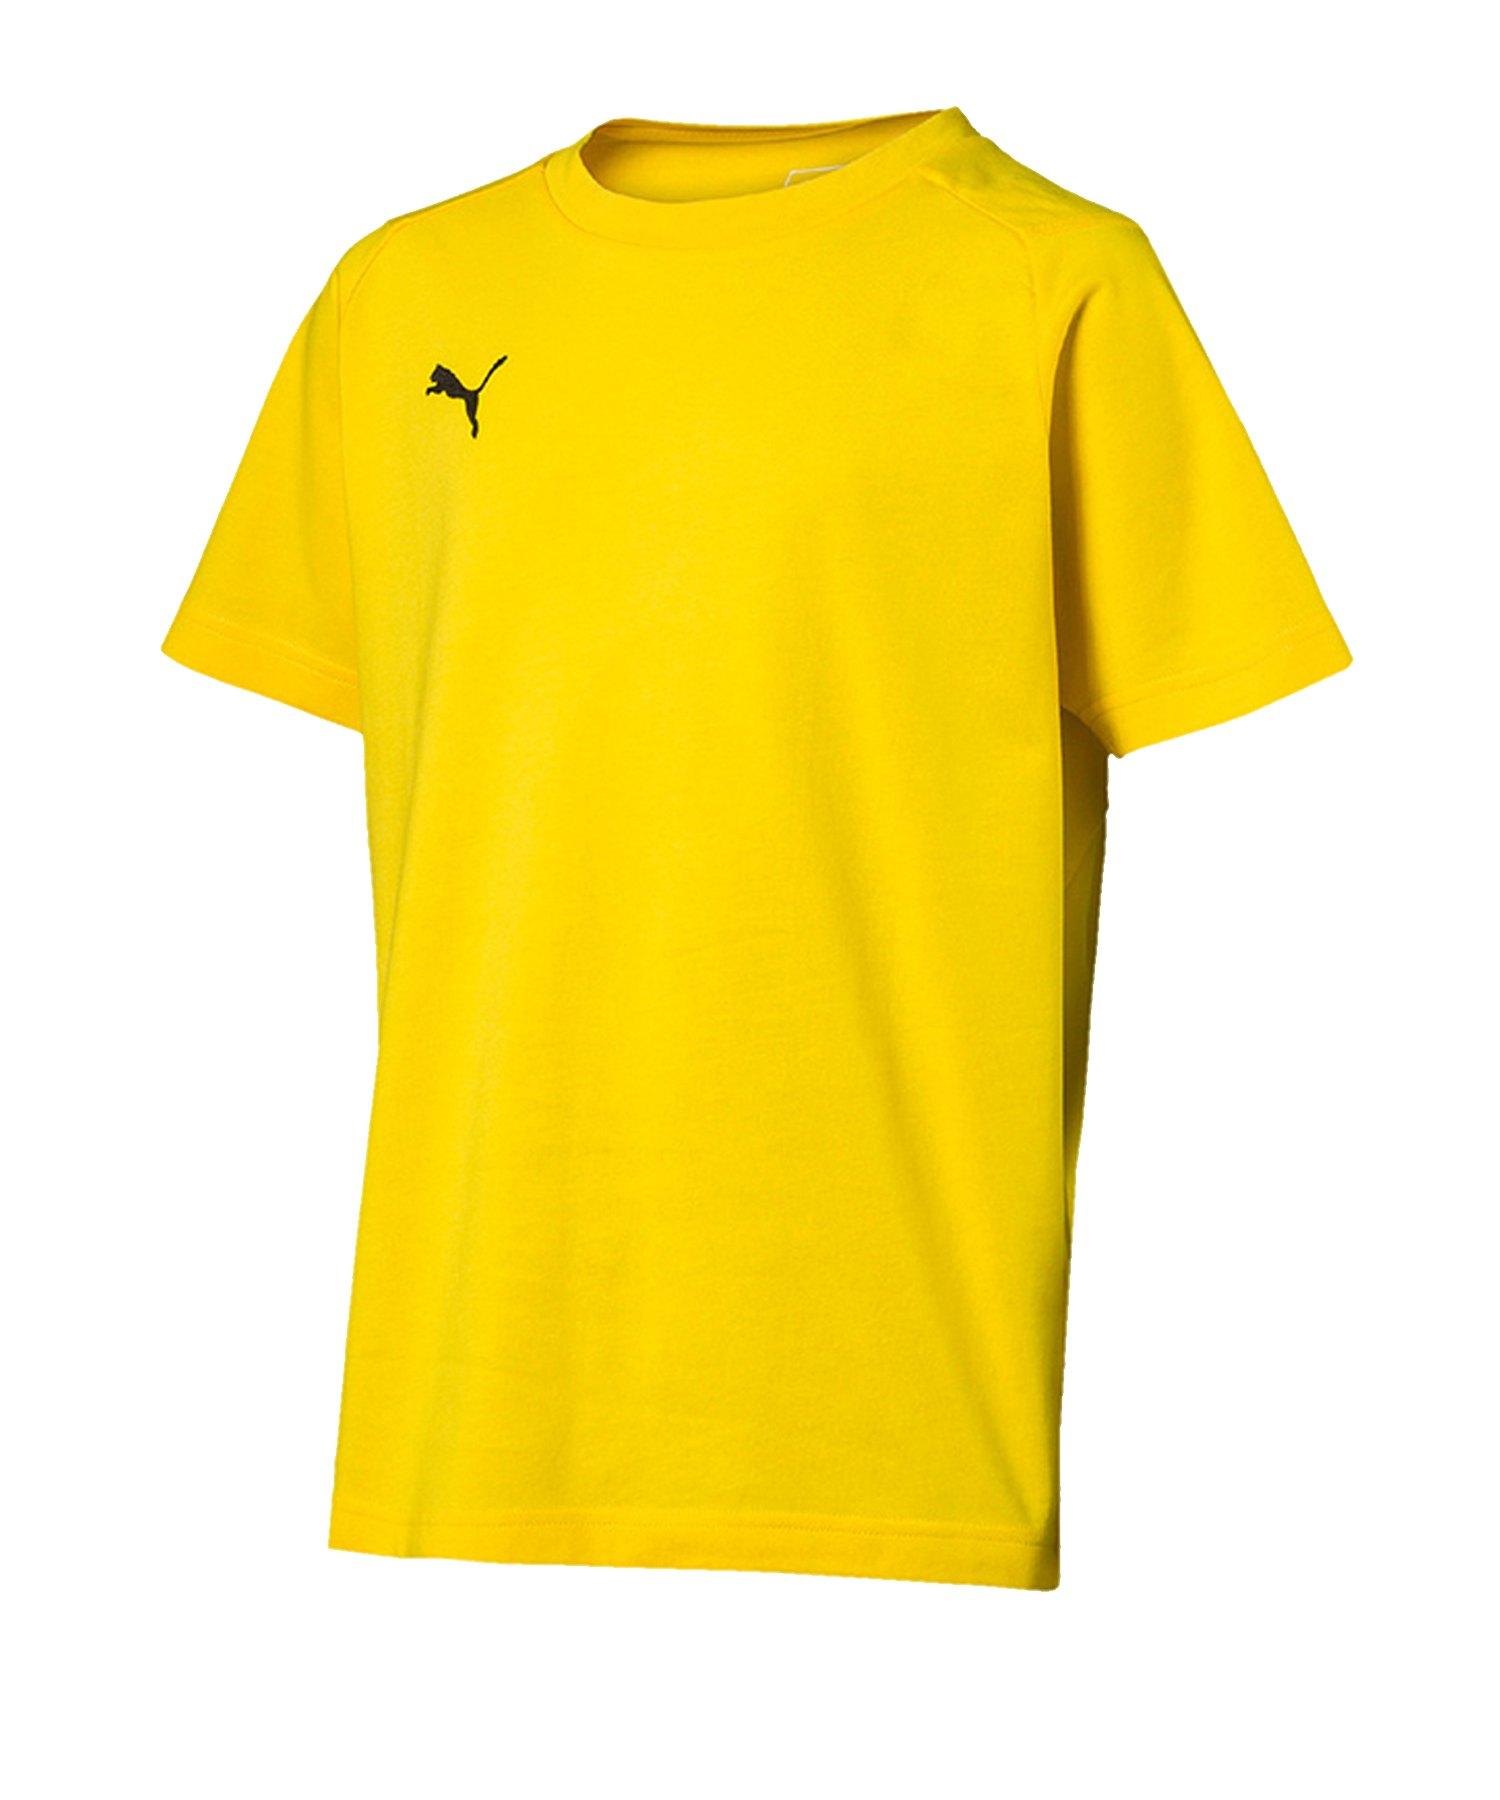 PUMA LIGA Casuals T-Shirt Kids Gelb Schwarz F07 - gelb